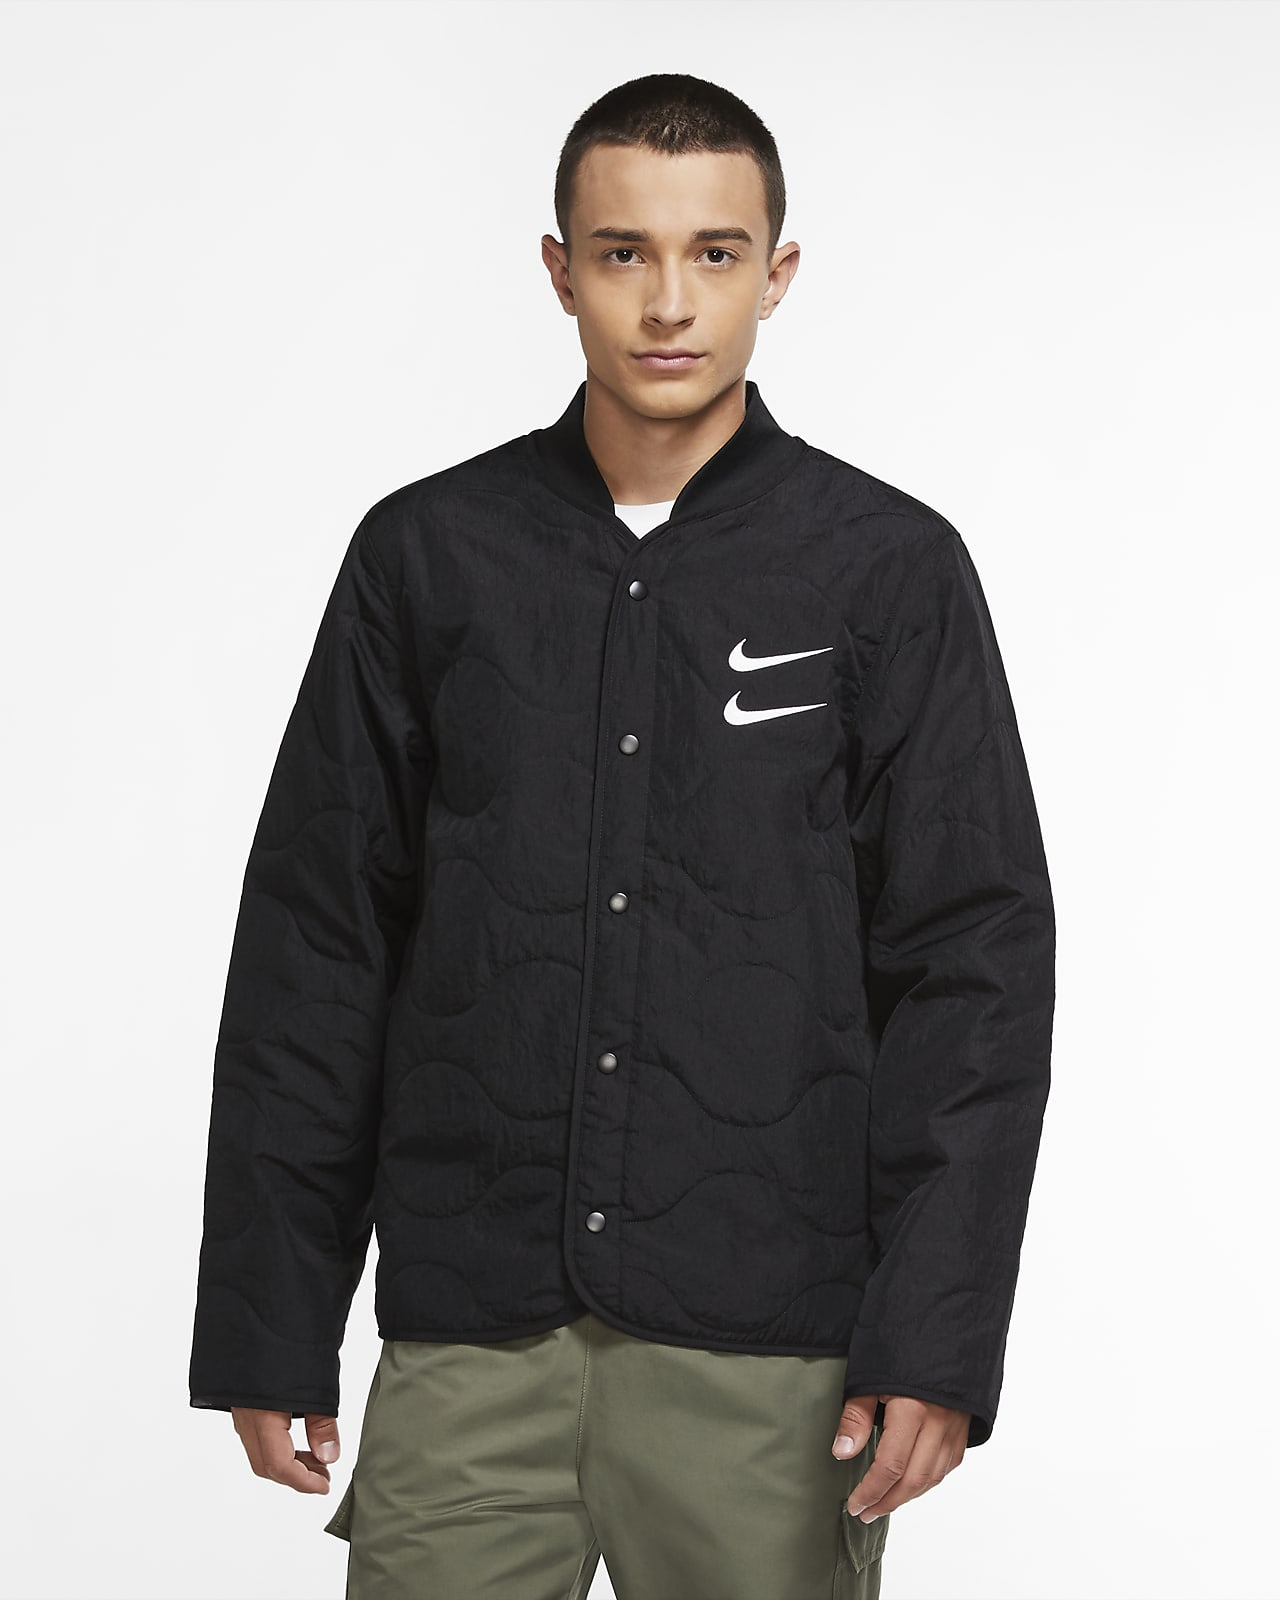 Nike Sportswear Swoosh Men's Quilted Jacket